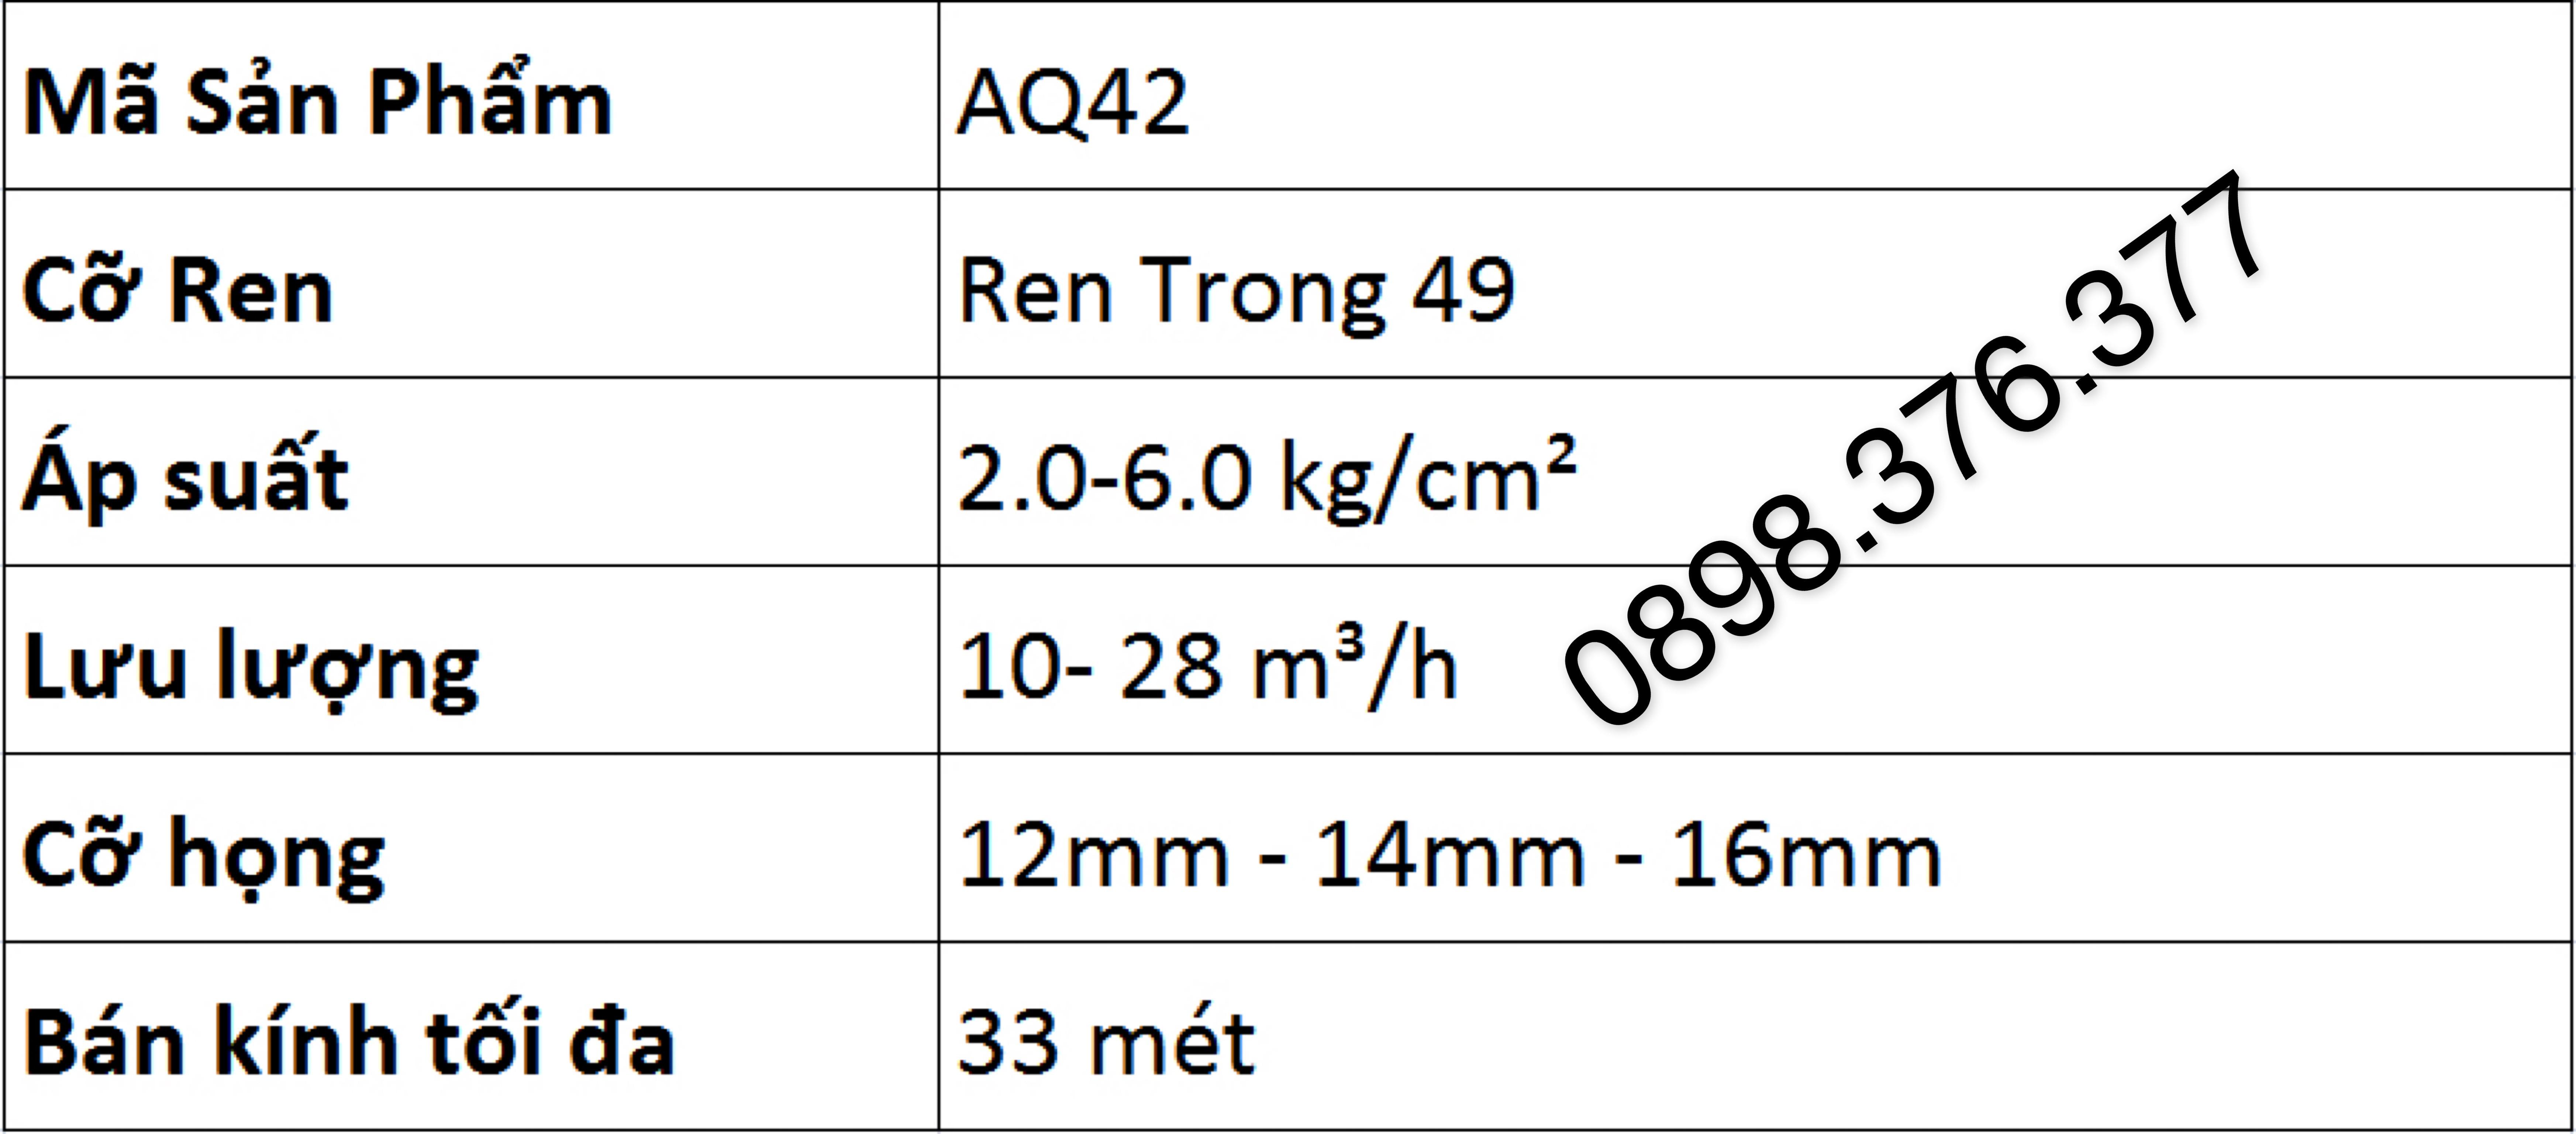 bảng thông số kỹ thuật béc aq42 ấn độ